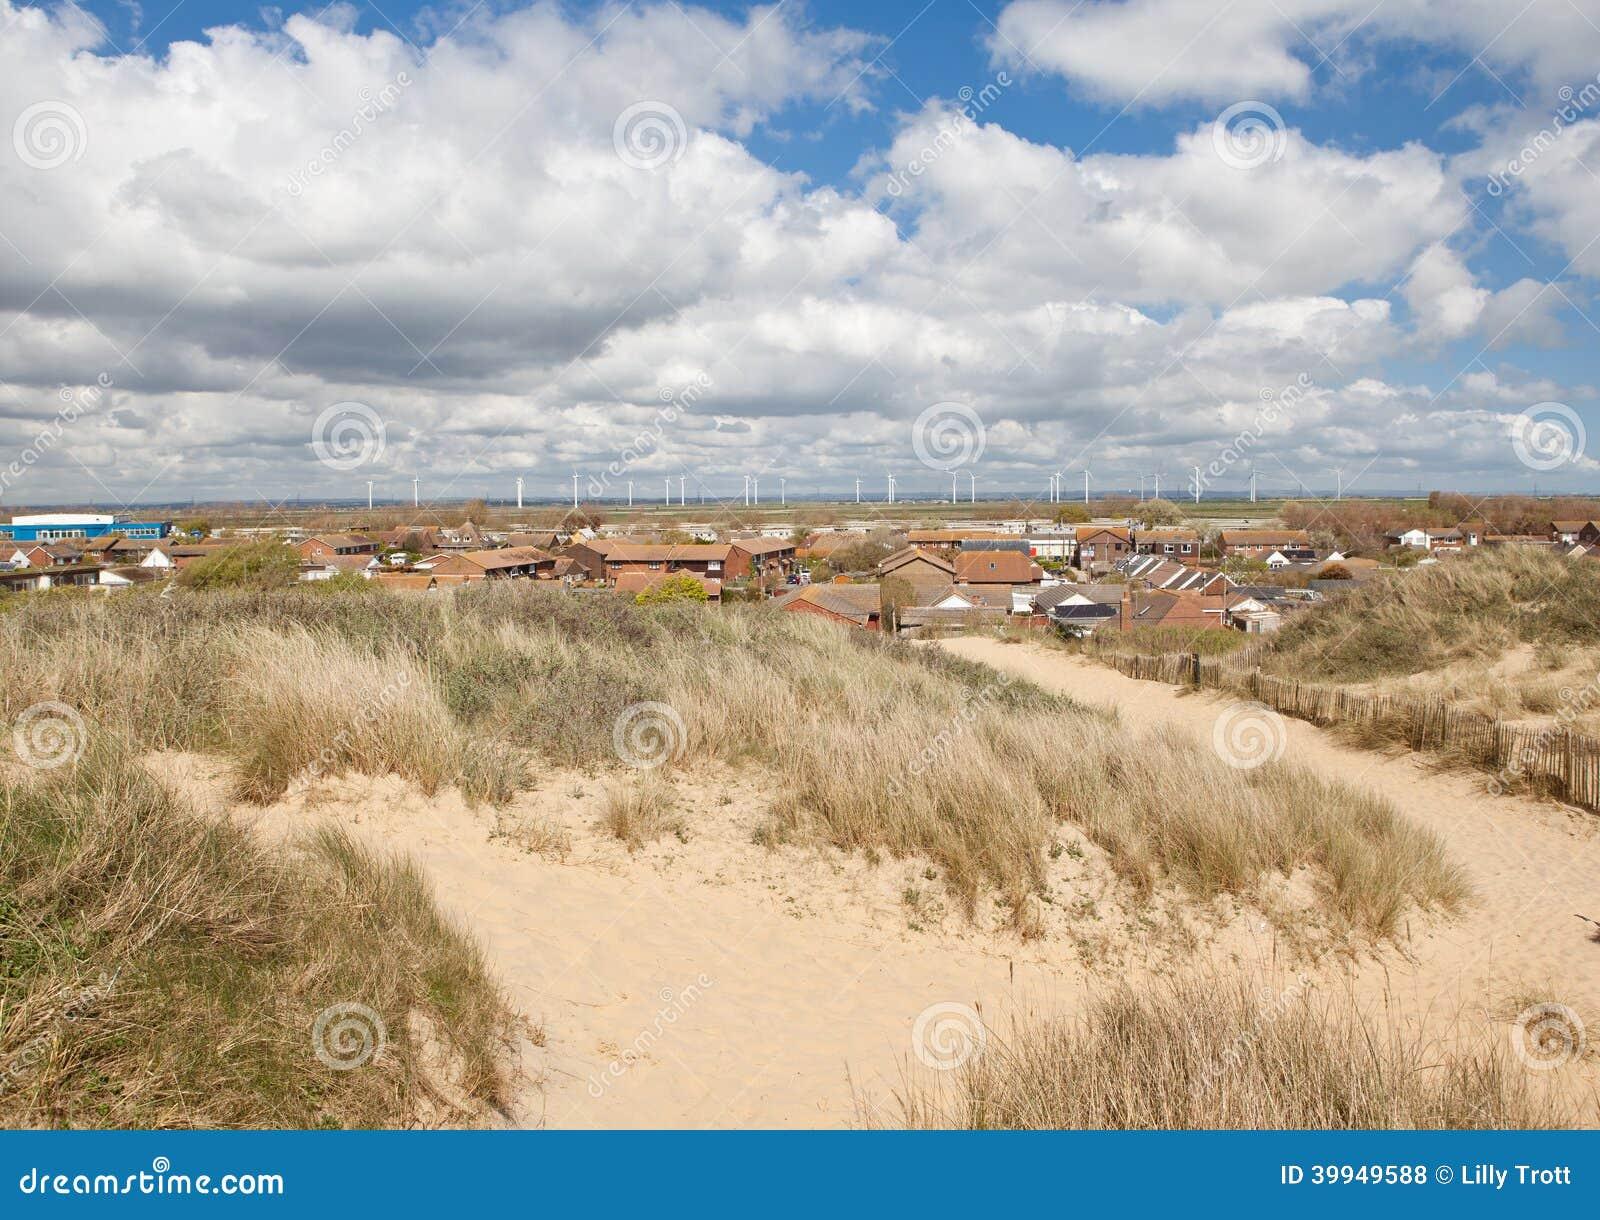 sables de cambrure cambrure dunes et la plage photo stock image du marais ferme 39949588. Black Bedroom Furniture Sets. Home Design Ideas